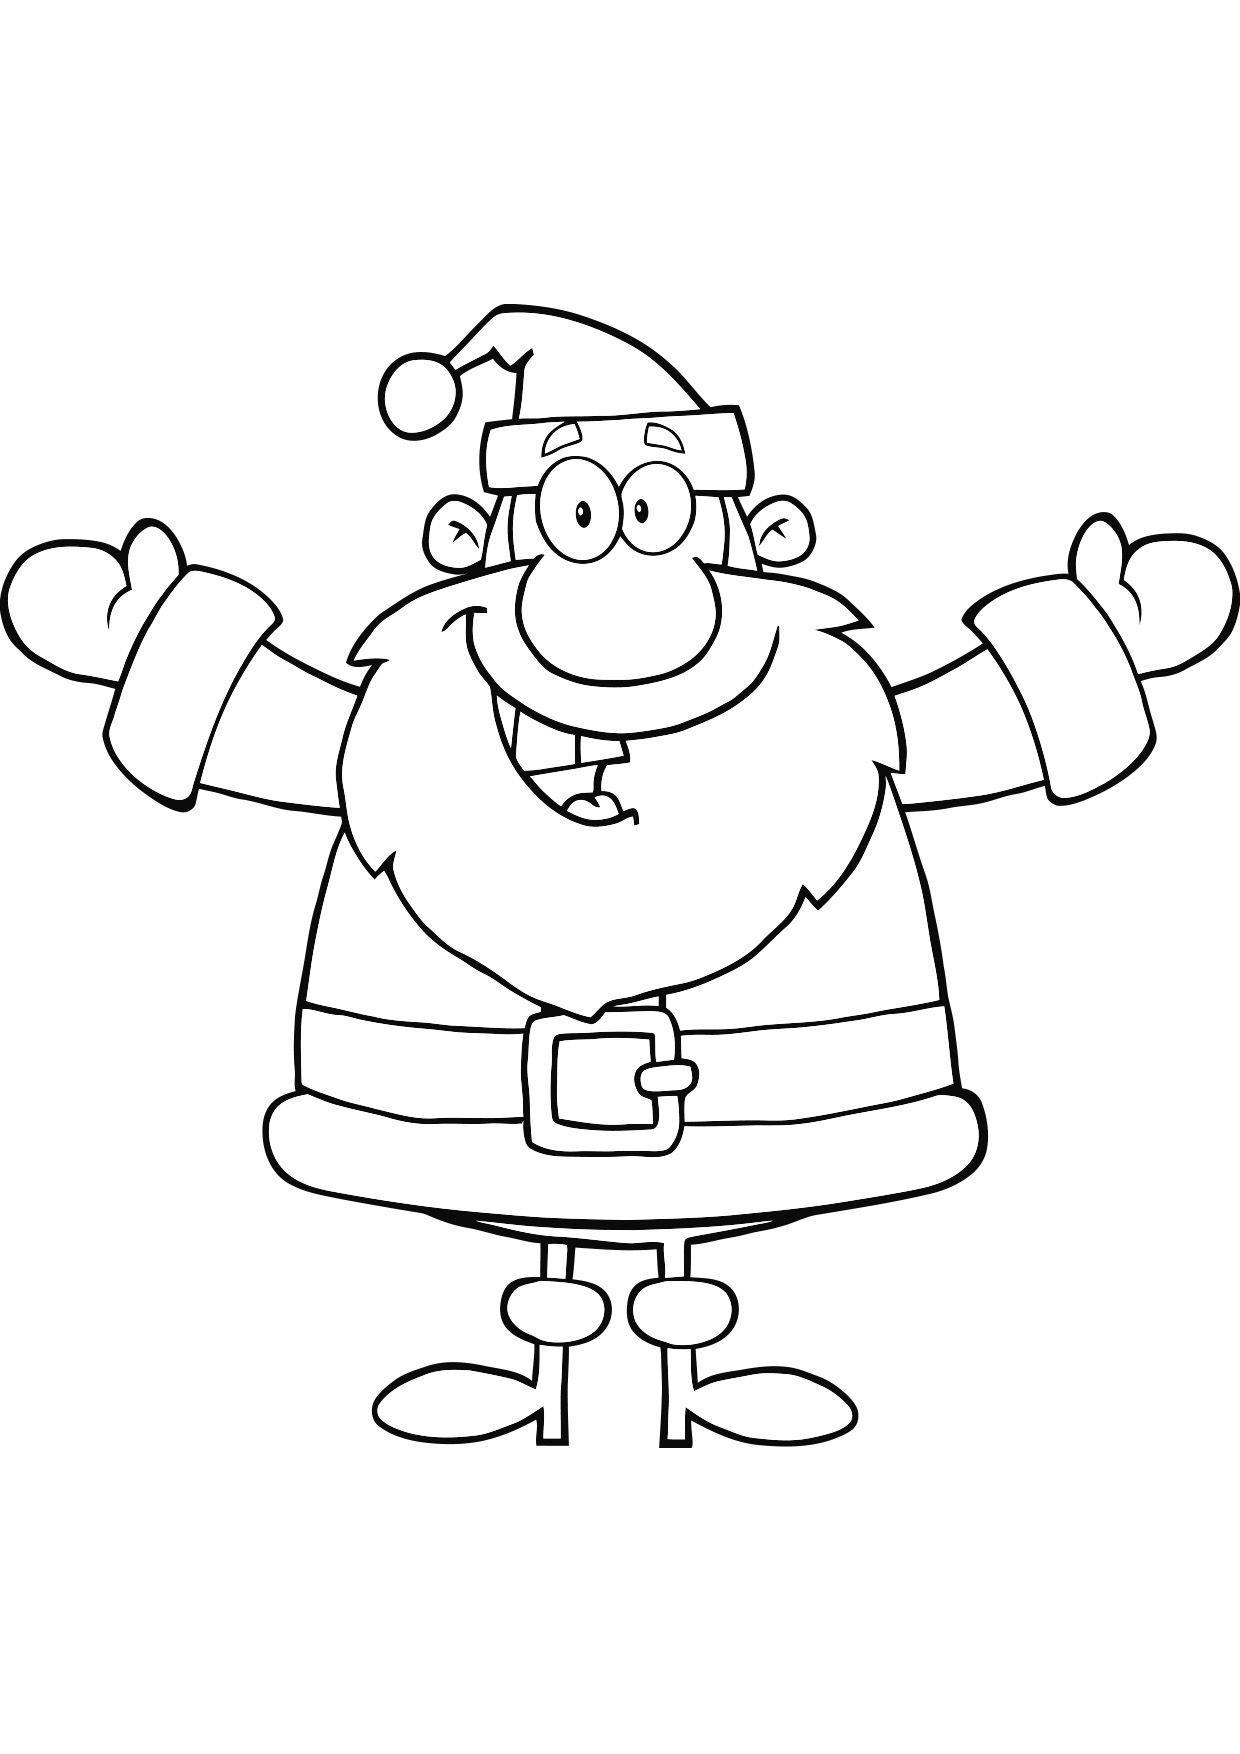 Coloriage Noël : le Père Noël   Coloriage Noel   Coloriages Fetes